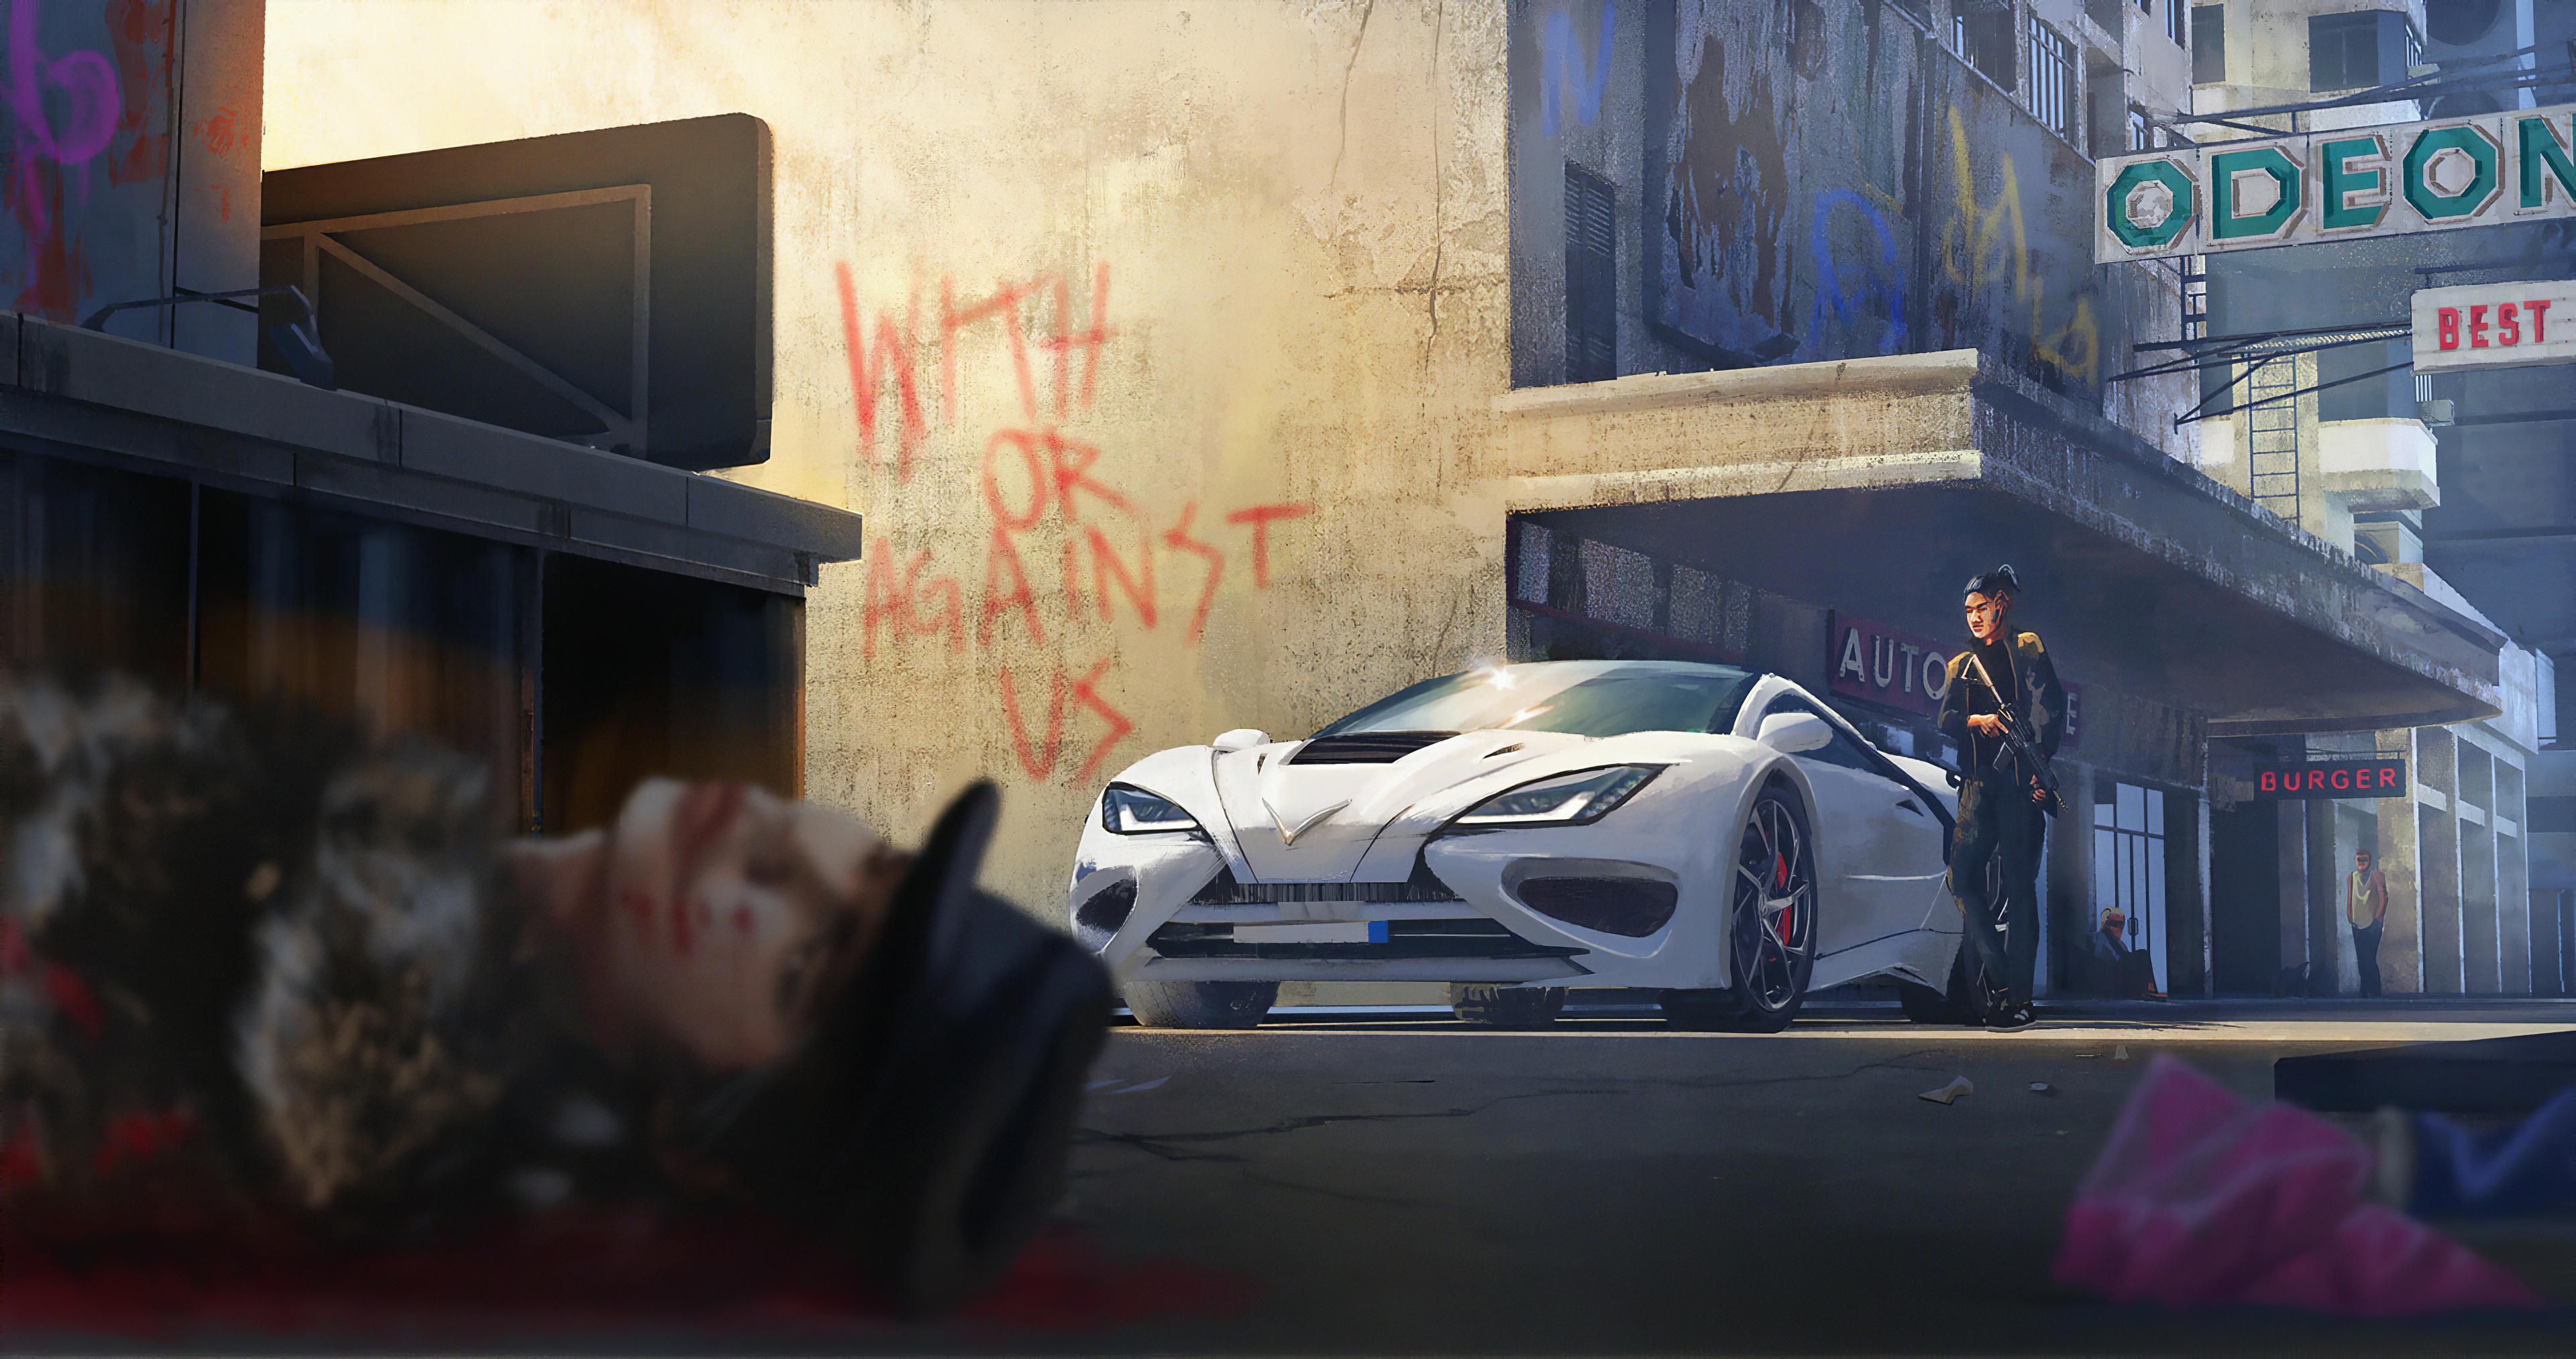 assassination 1574940869 - Assassination -